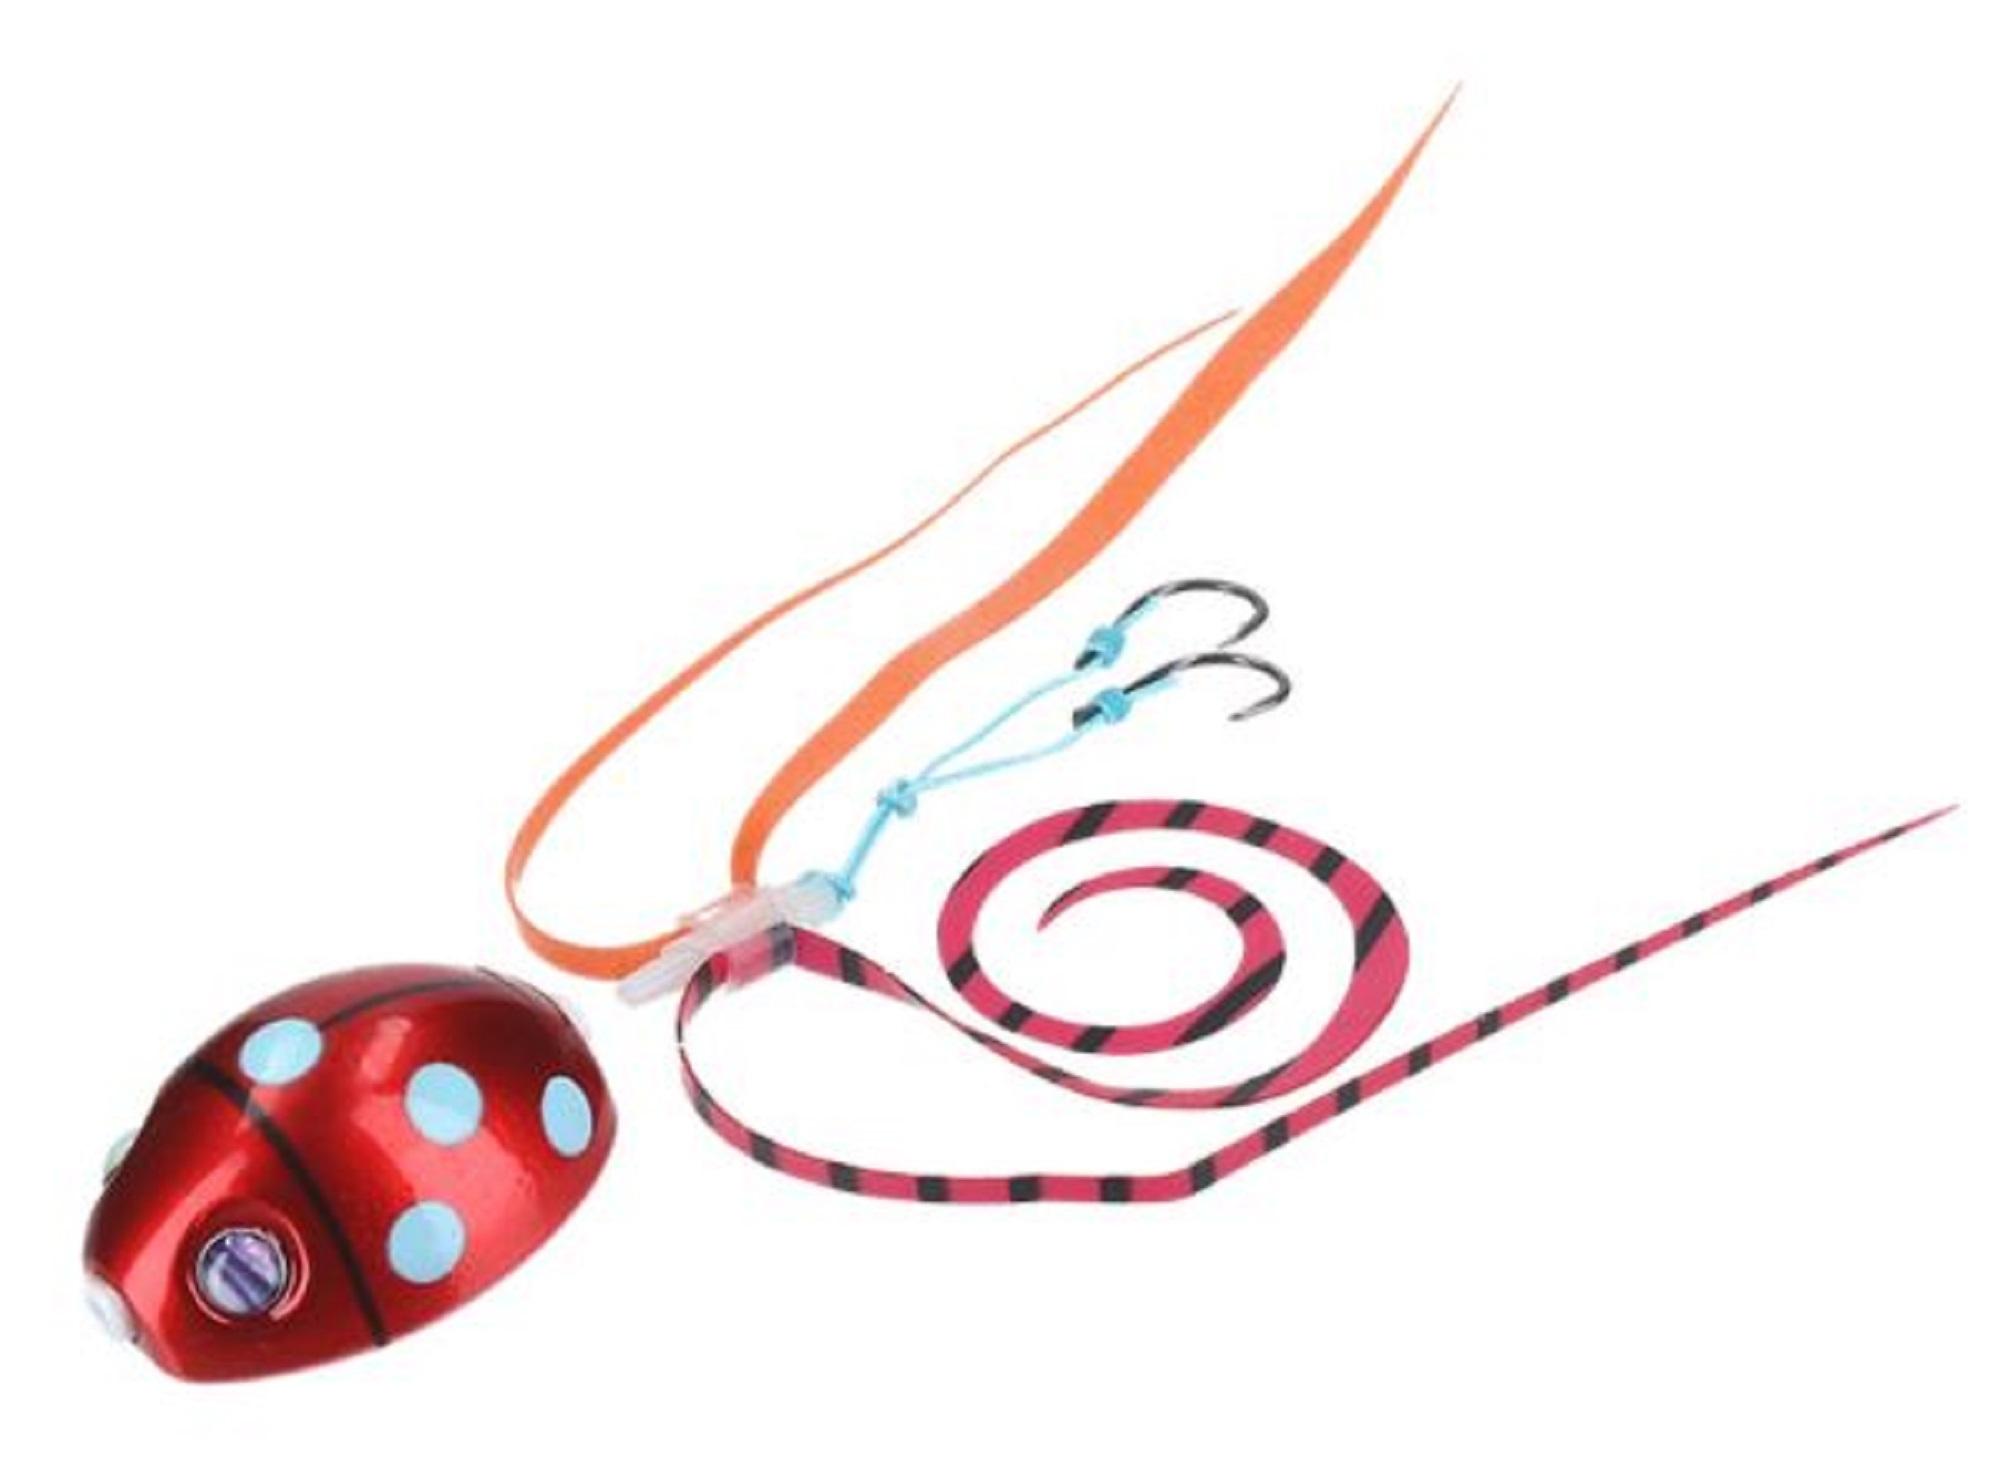 Daiwa Sliding Madai BRFA Nakai LB 80 grams Dot Red (7696)